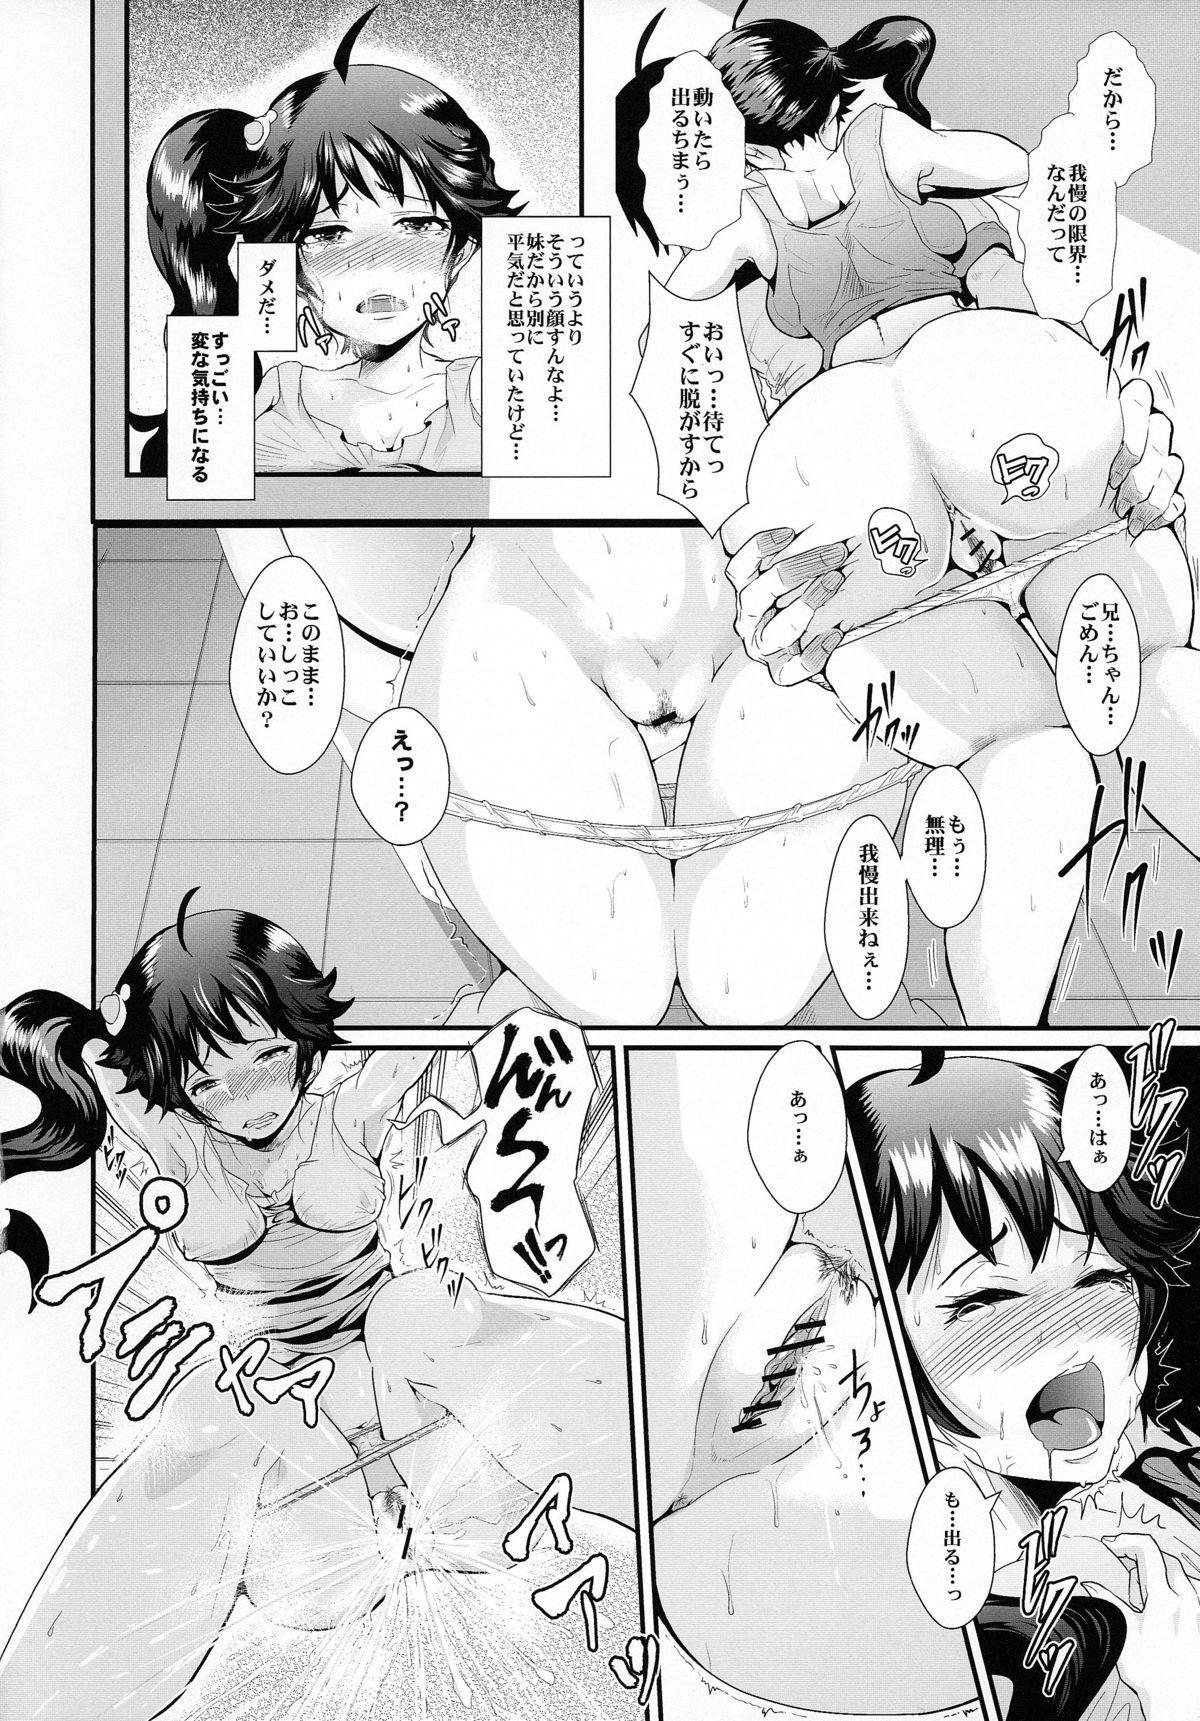 Netsu ni Okasareta Karen-chan to Toilet de.... 7